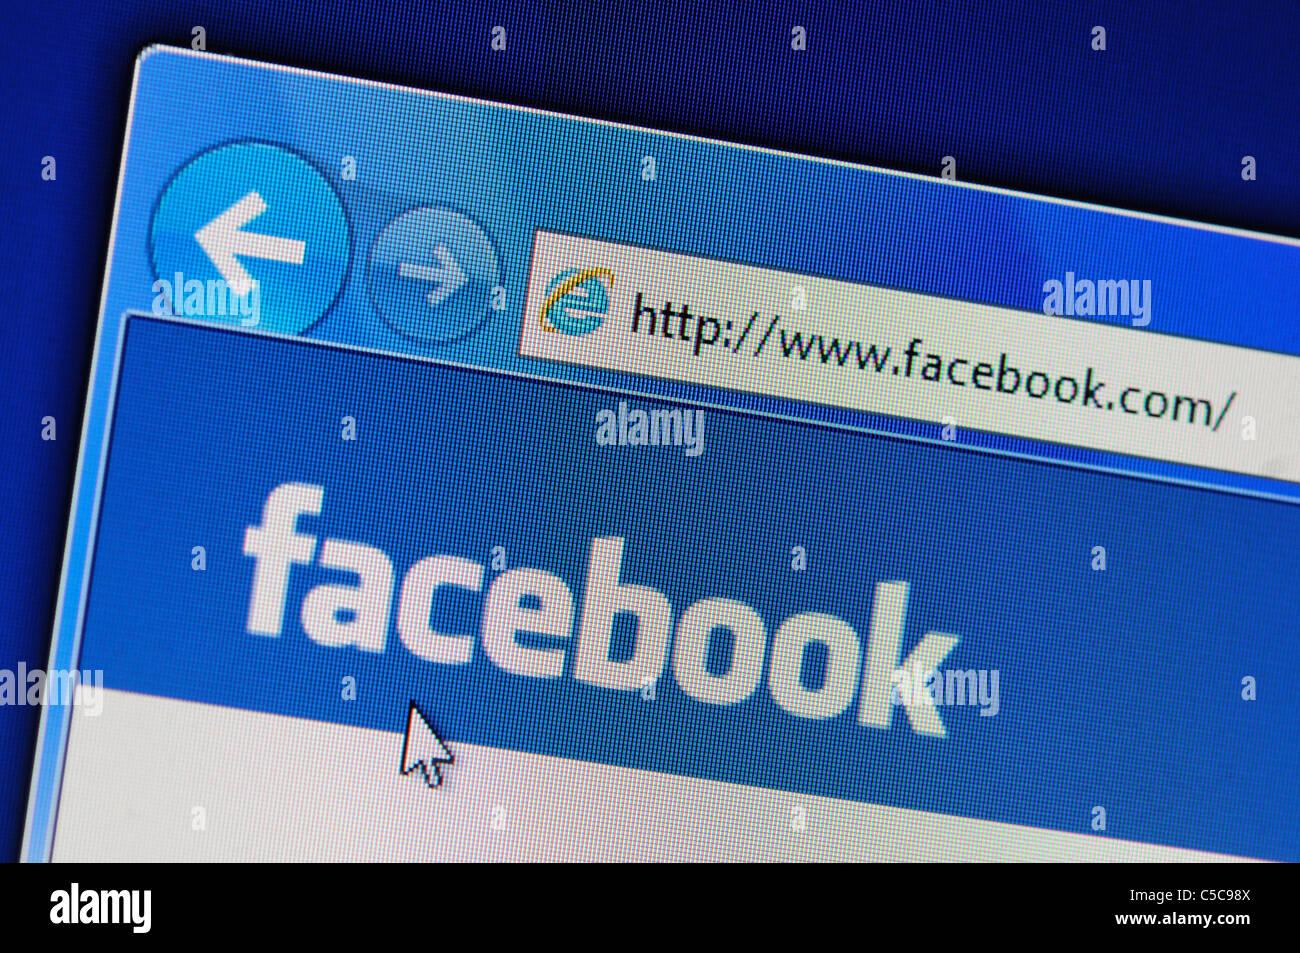 El sitio de internet Facebook en el navegador Internet Explorer; mostrando su página inicial el logotipo que Imagen De Stock